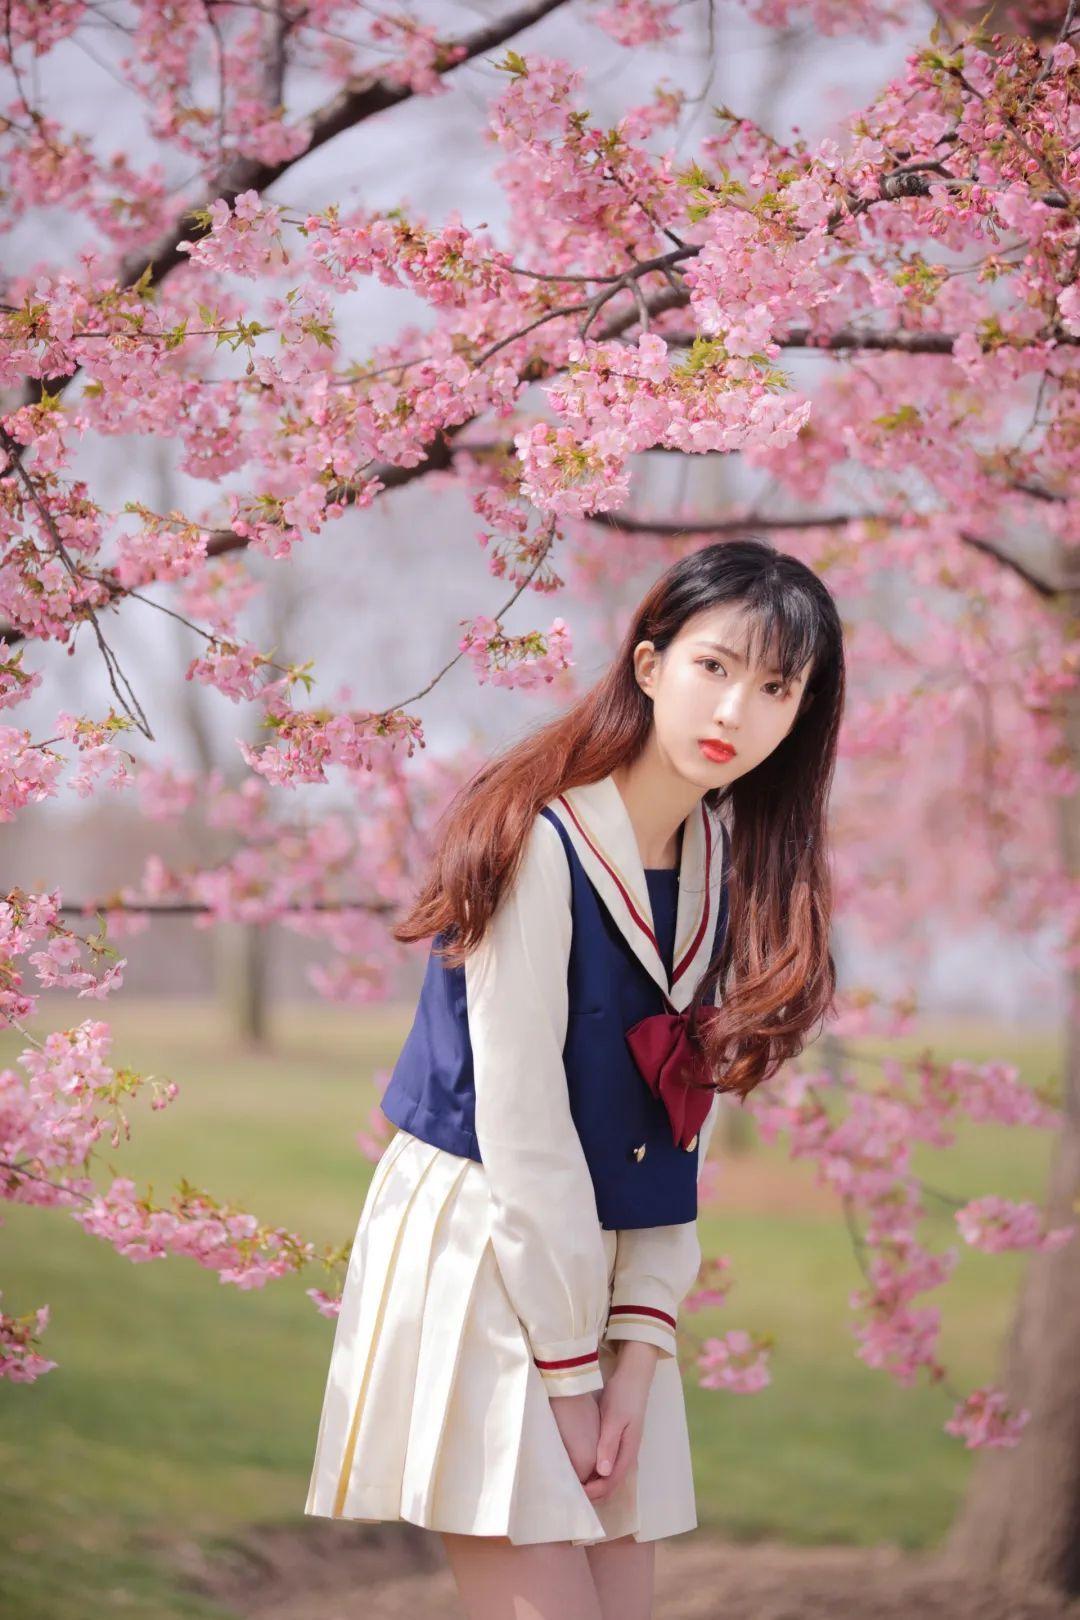 妹子摄影 – 粉粉的日系少女樱花树下写真_图片 No.39